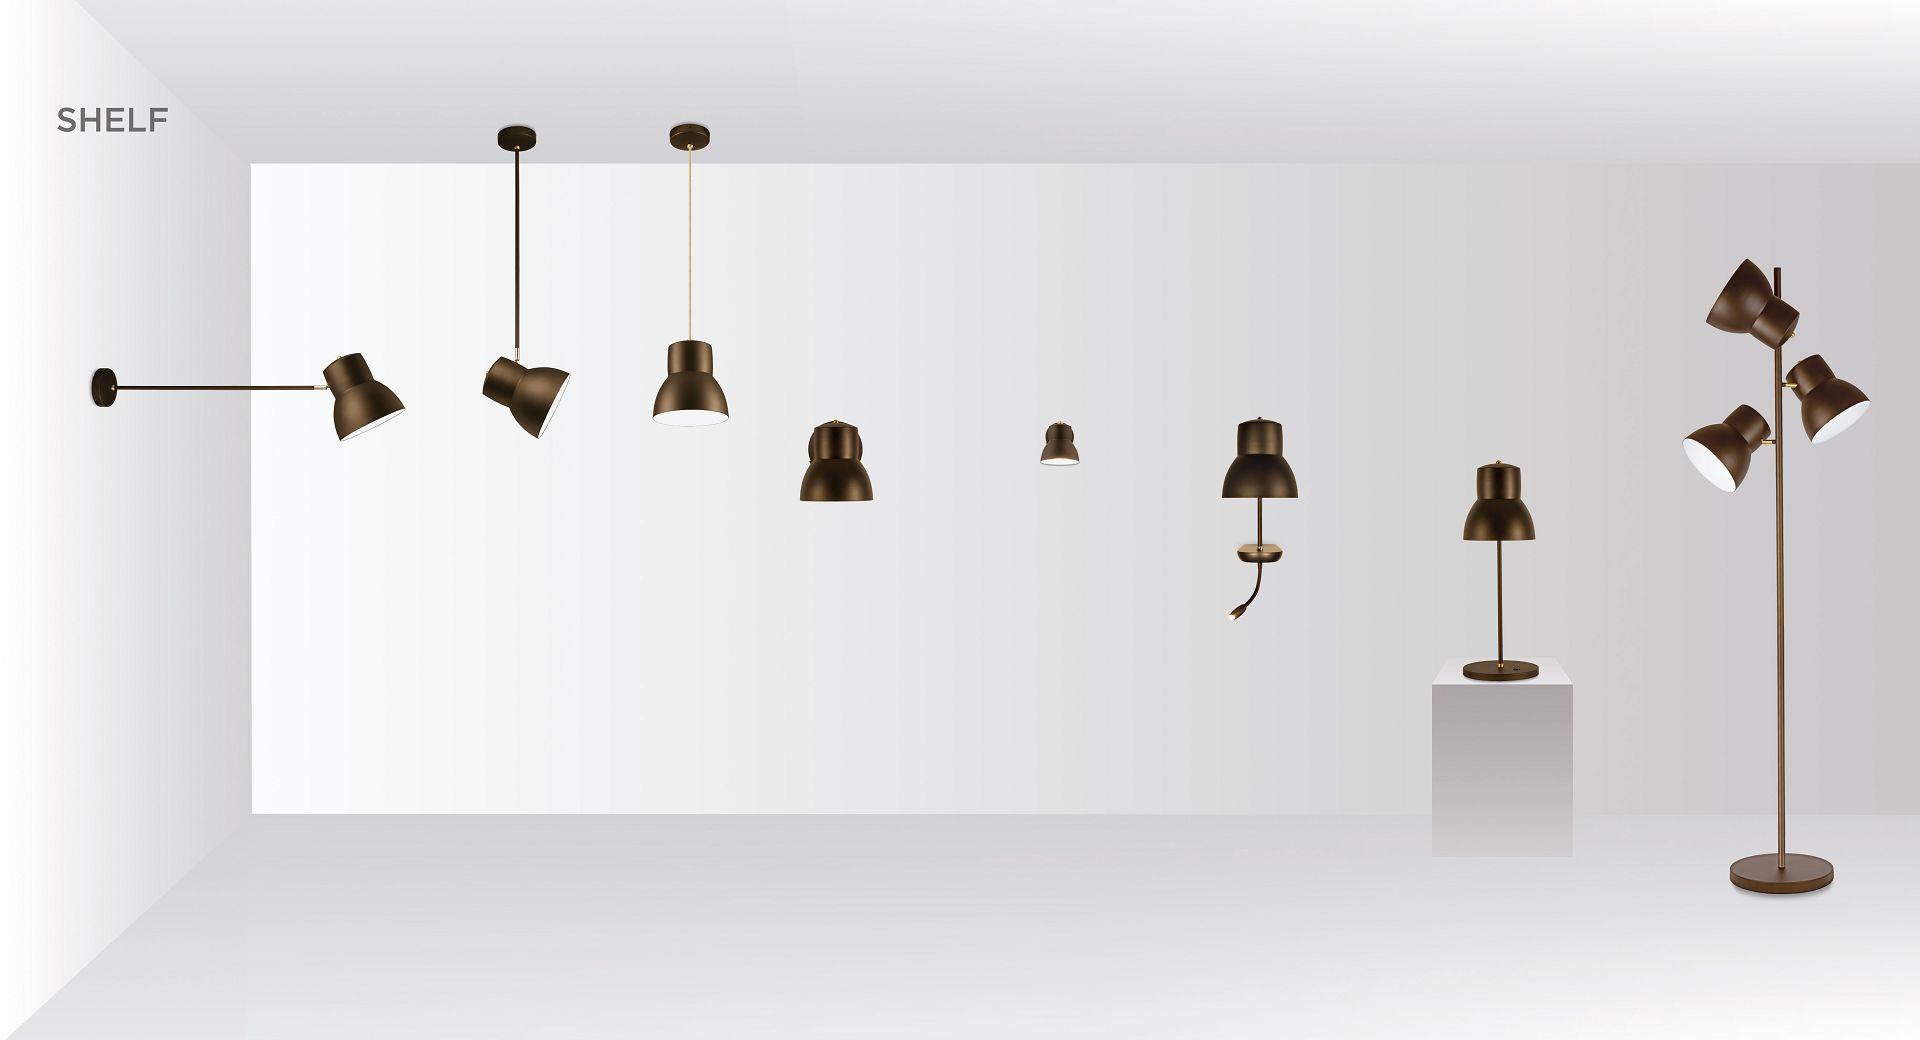 Leuchte Schelf von MLE . Entwurf JOI-Design